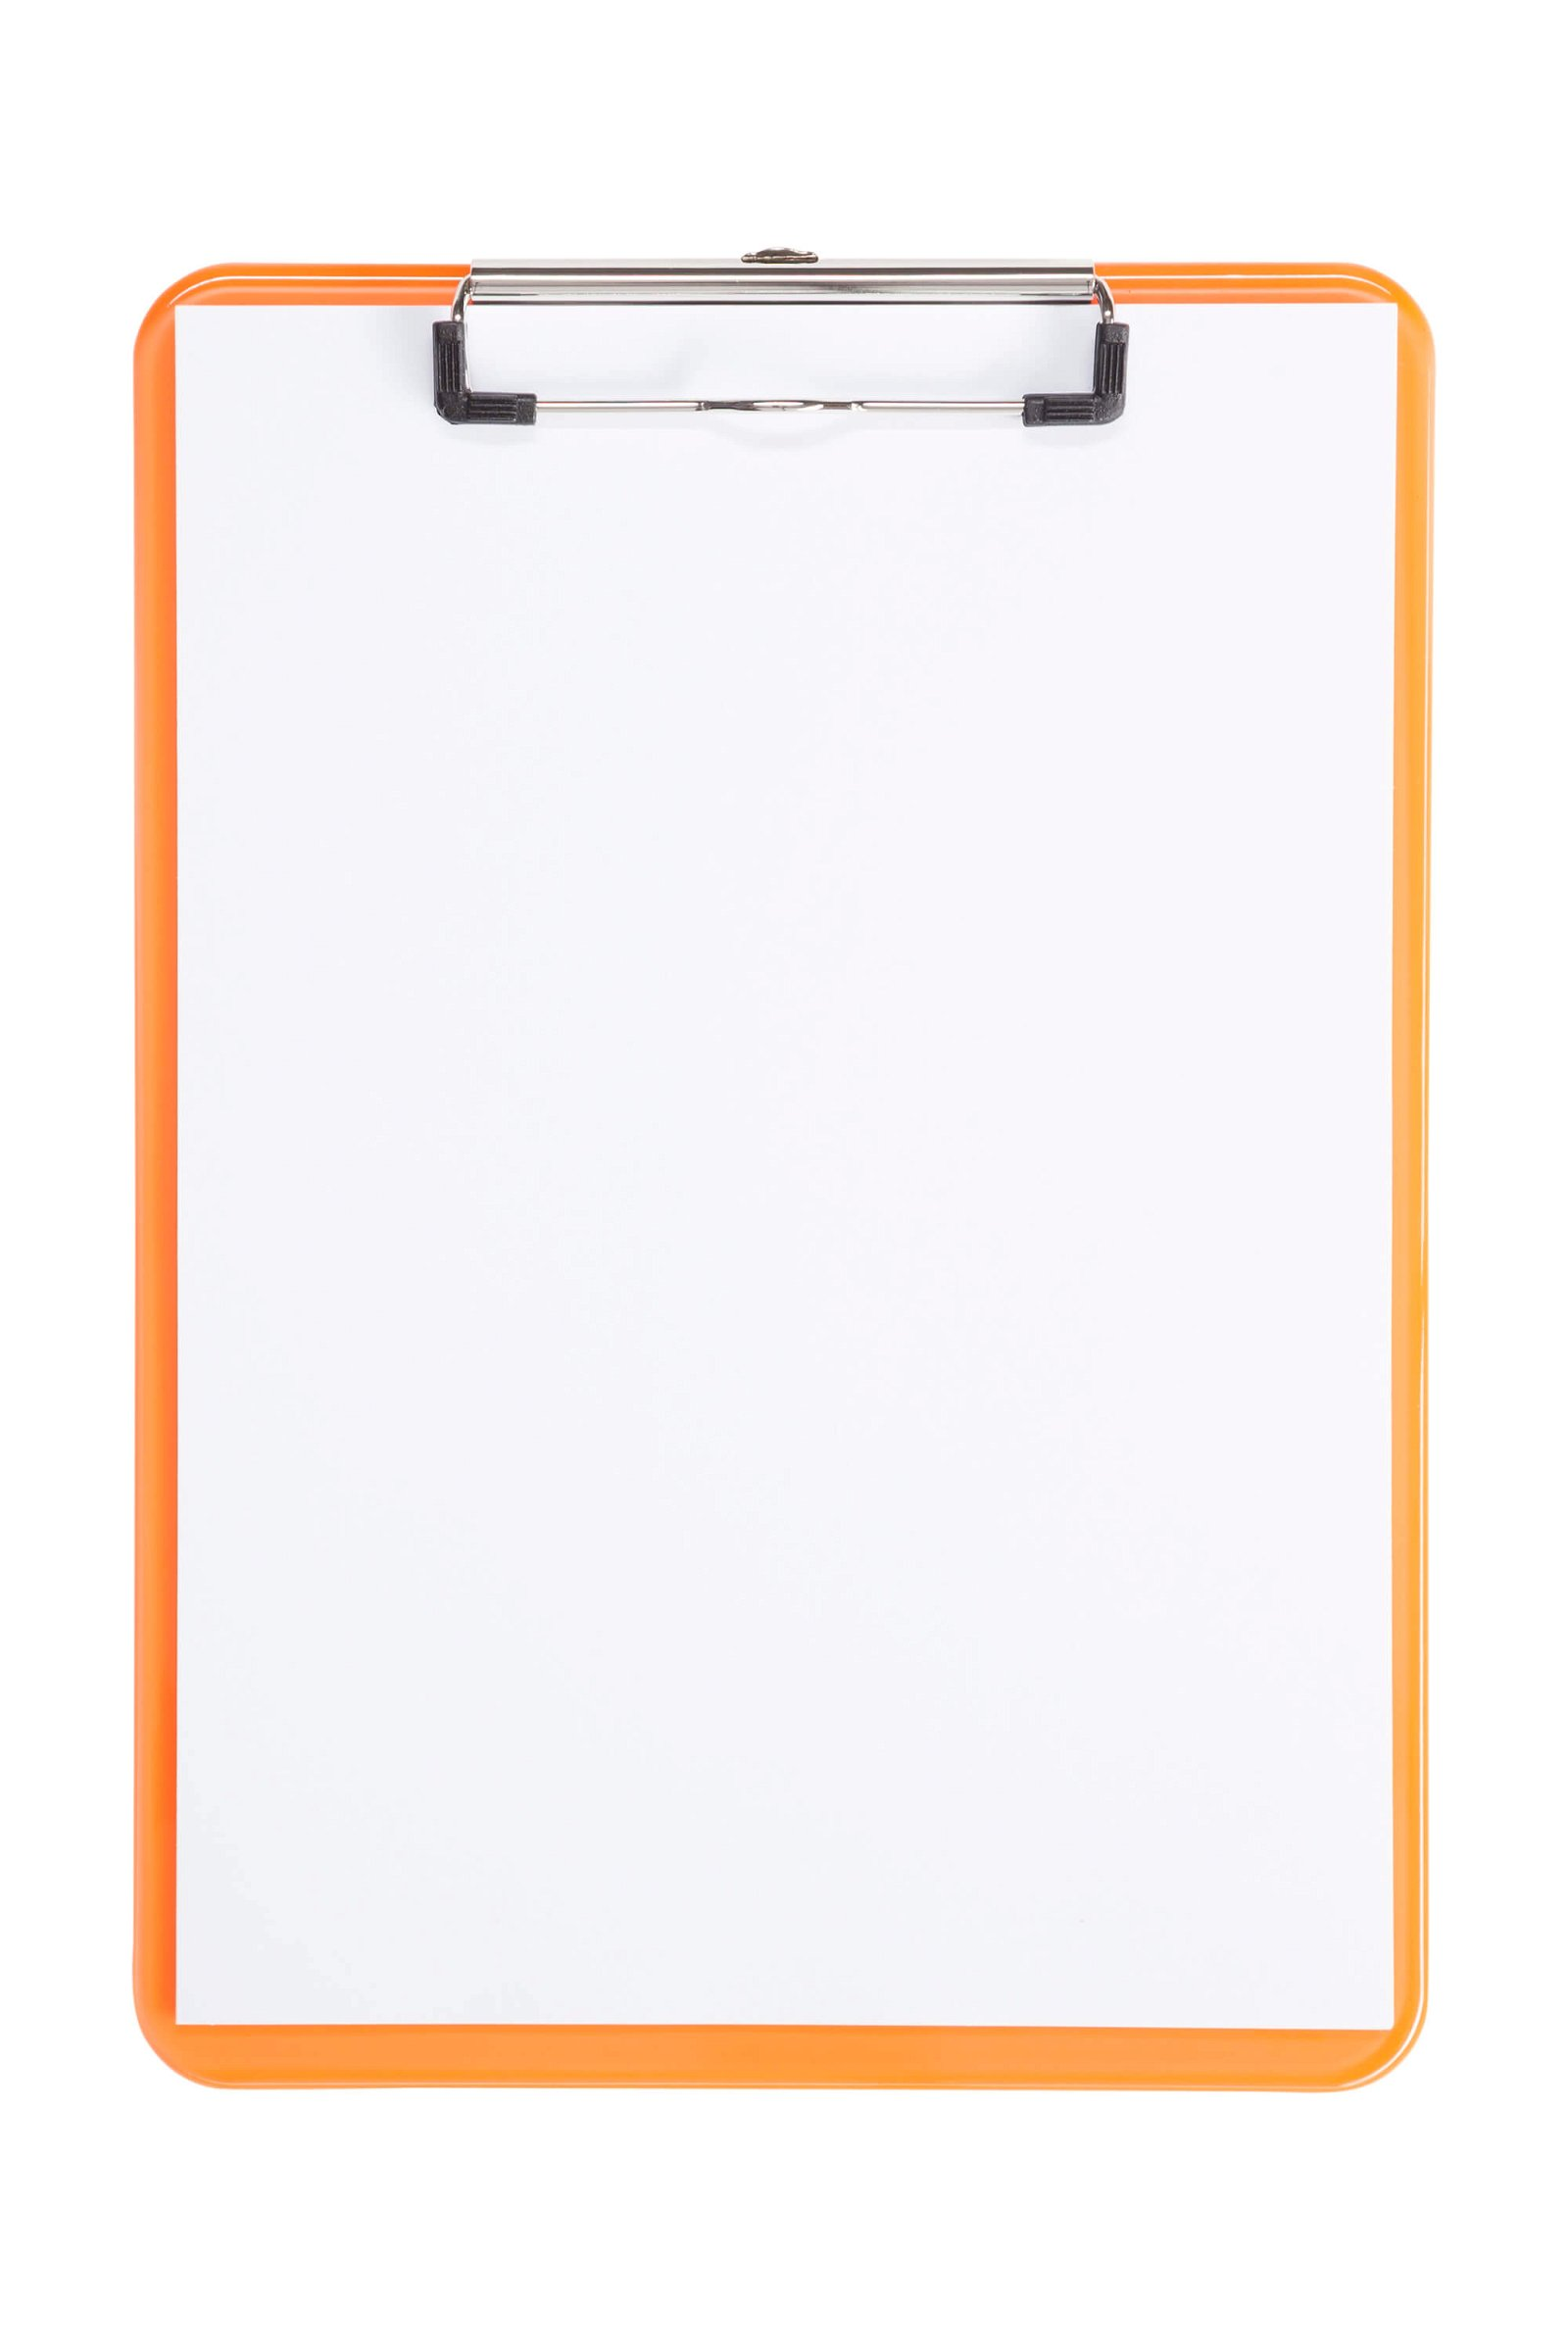 A4 Schreibplatte MAULneon Kunststoff mit Bügelklemme, transparent orange